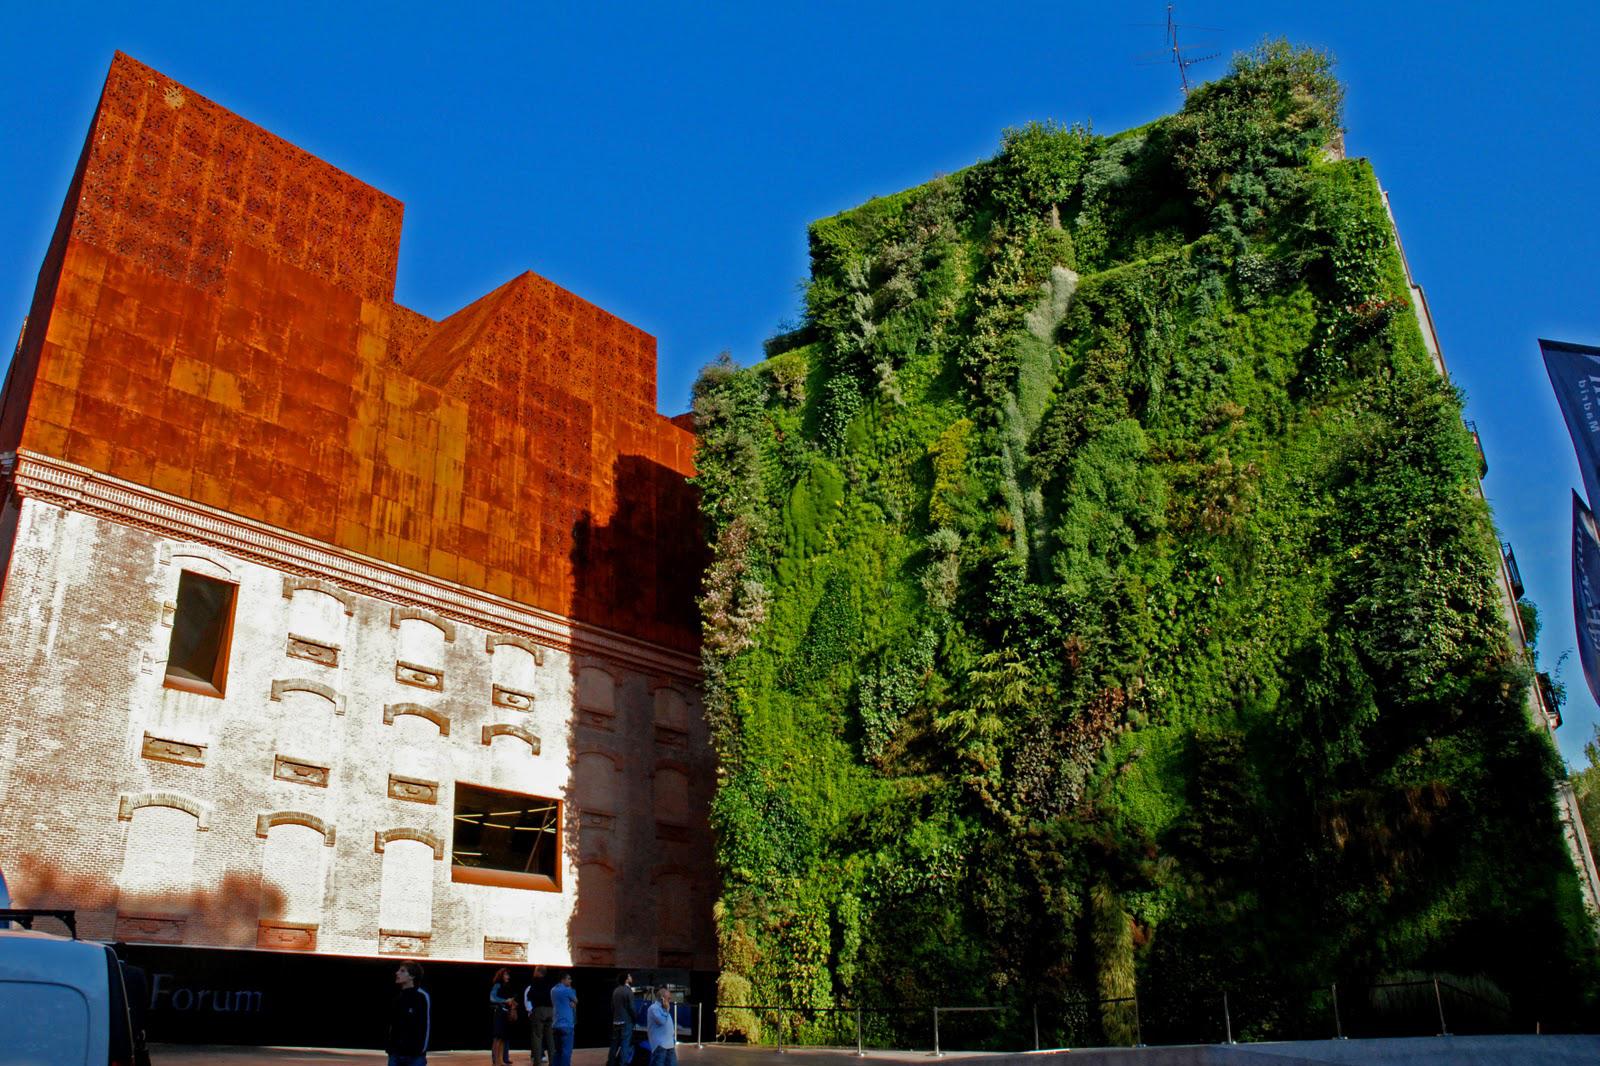 El jardín vertical del CaixaForum de Madrid